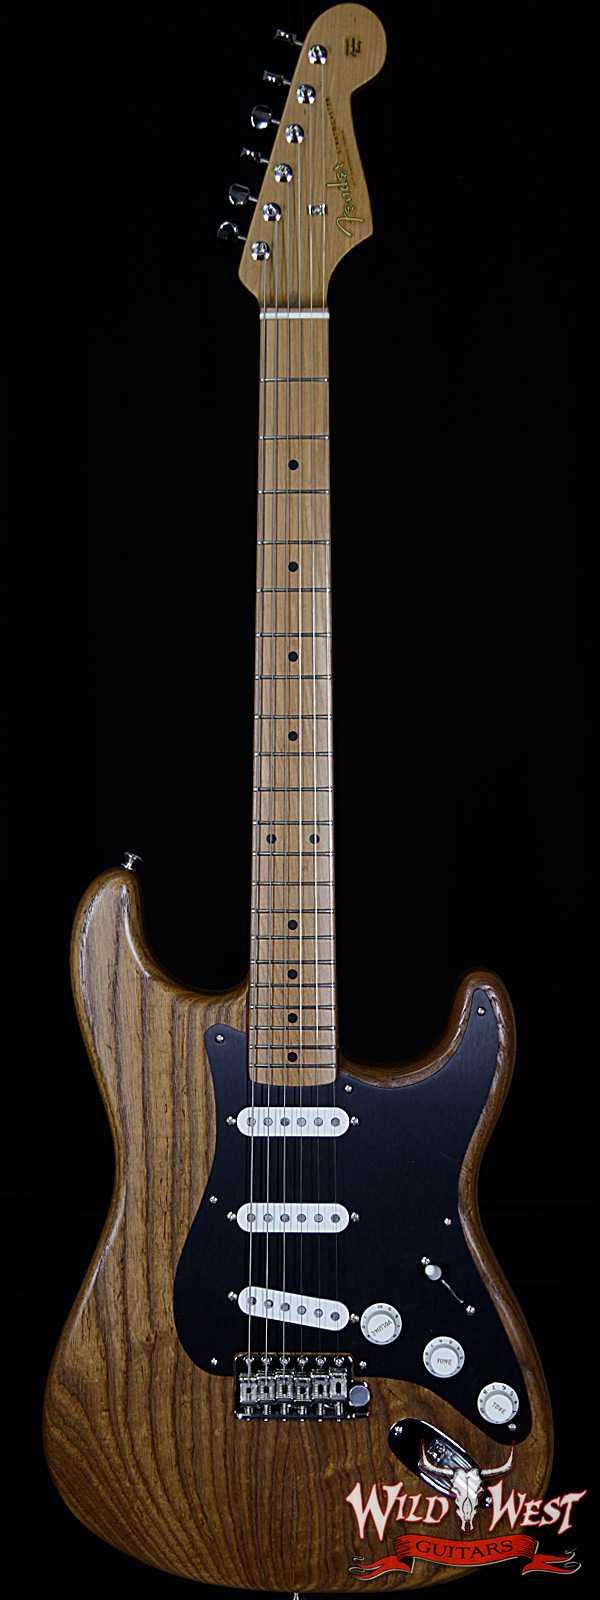 Fender USA FSR American Vintage Limited Edition '56 1956 Stratocaster Roasted Natural V1741673